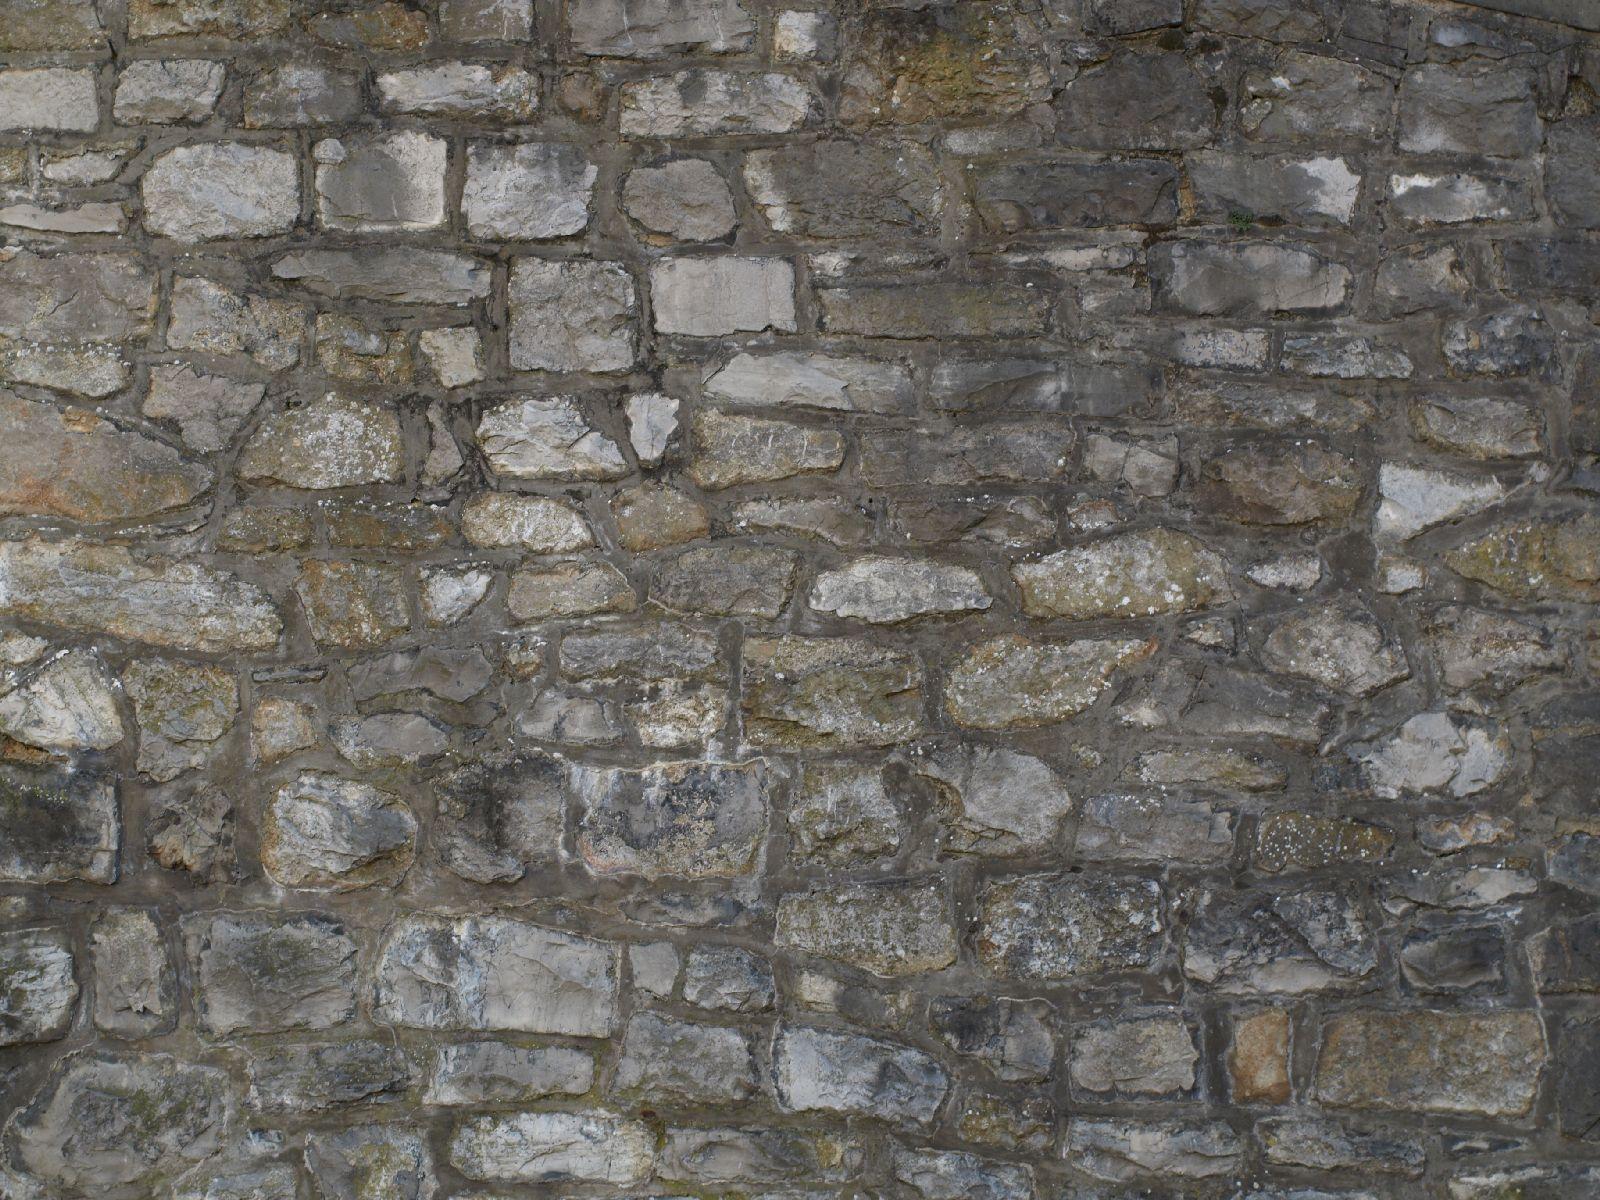 Brick_Texture_A_P8164429